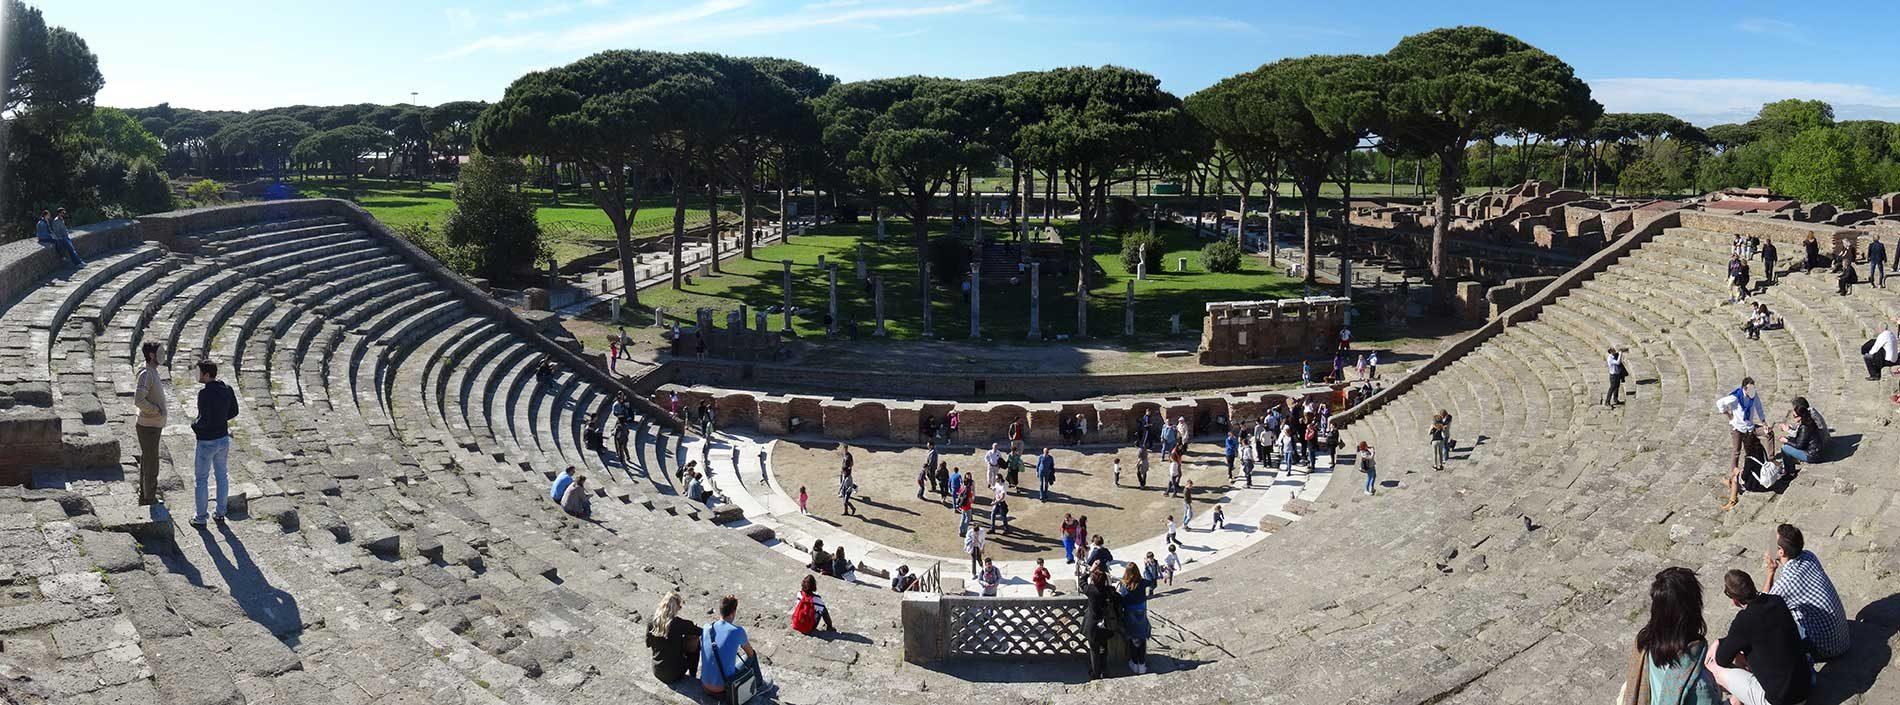 Плажове и история, вълни, руини и слънце - Ново! Римската Ривиера